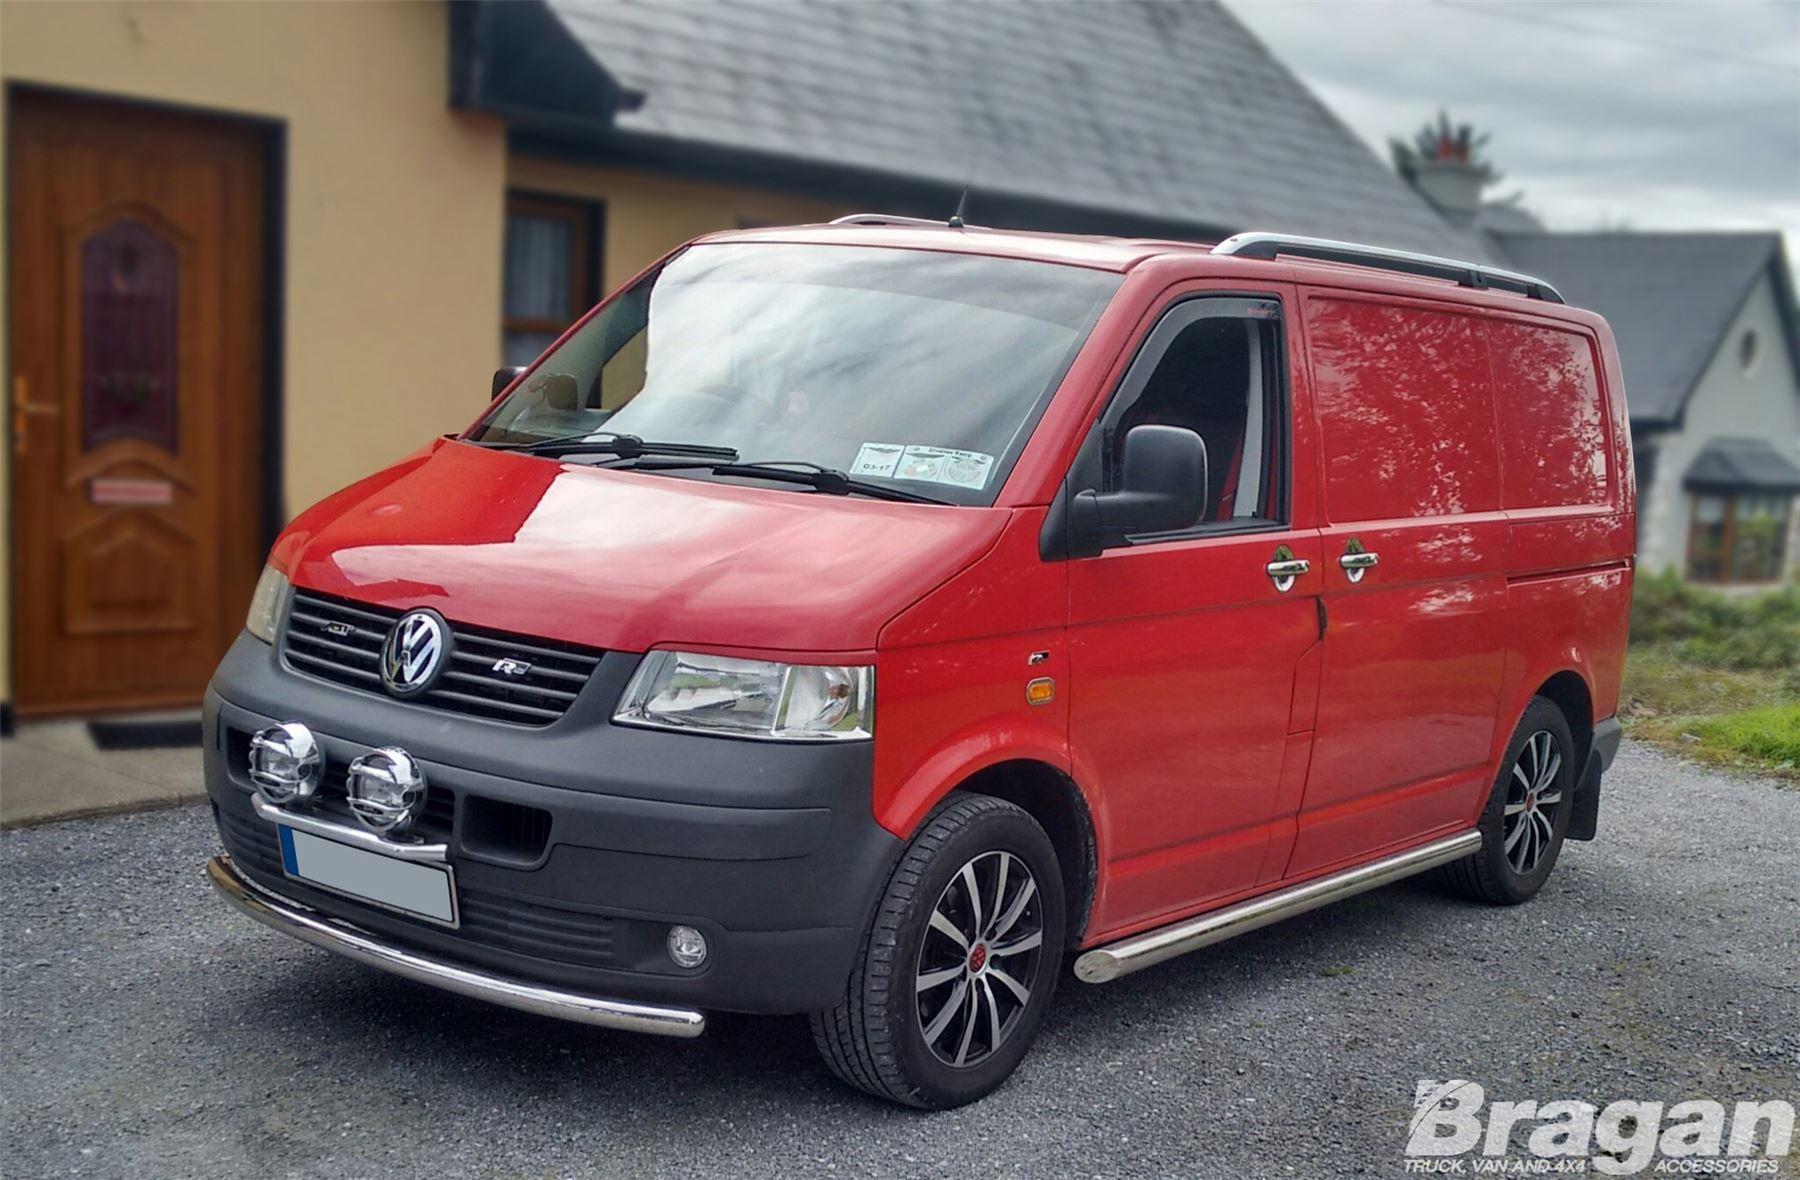 2004 2015 volkswagen vw transporter t5 caravelle lwb. Black Bedroom Furniture Sets. Home Design Ideas